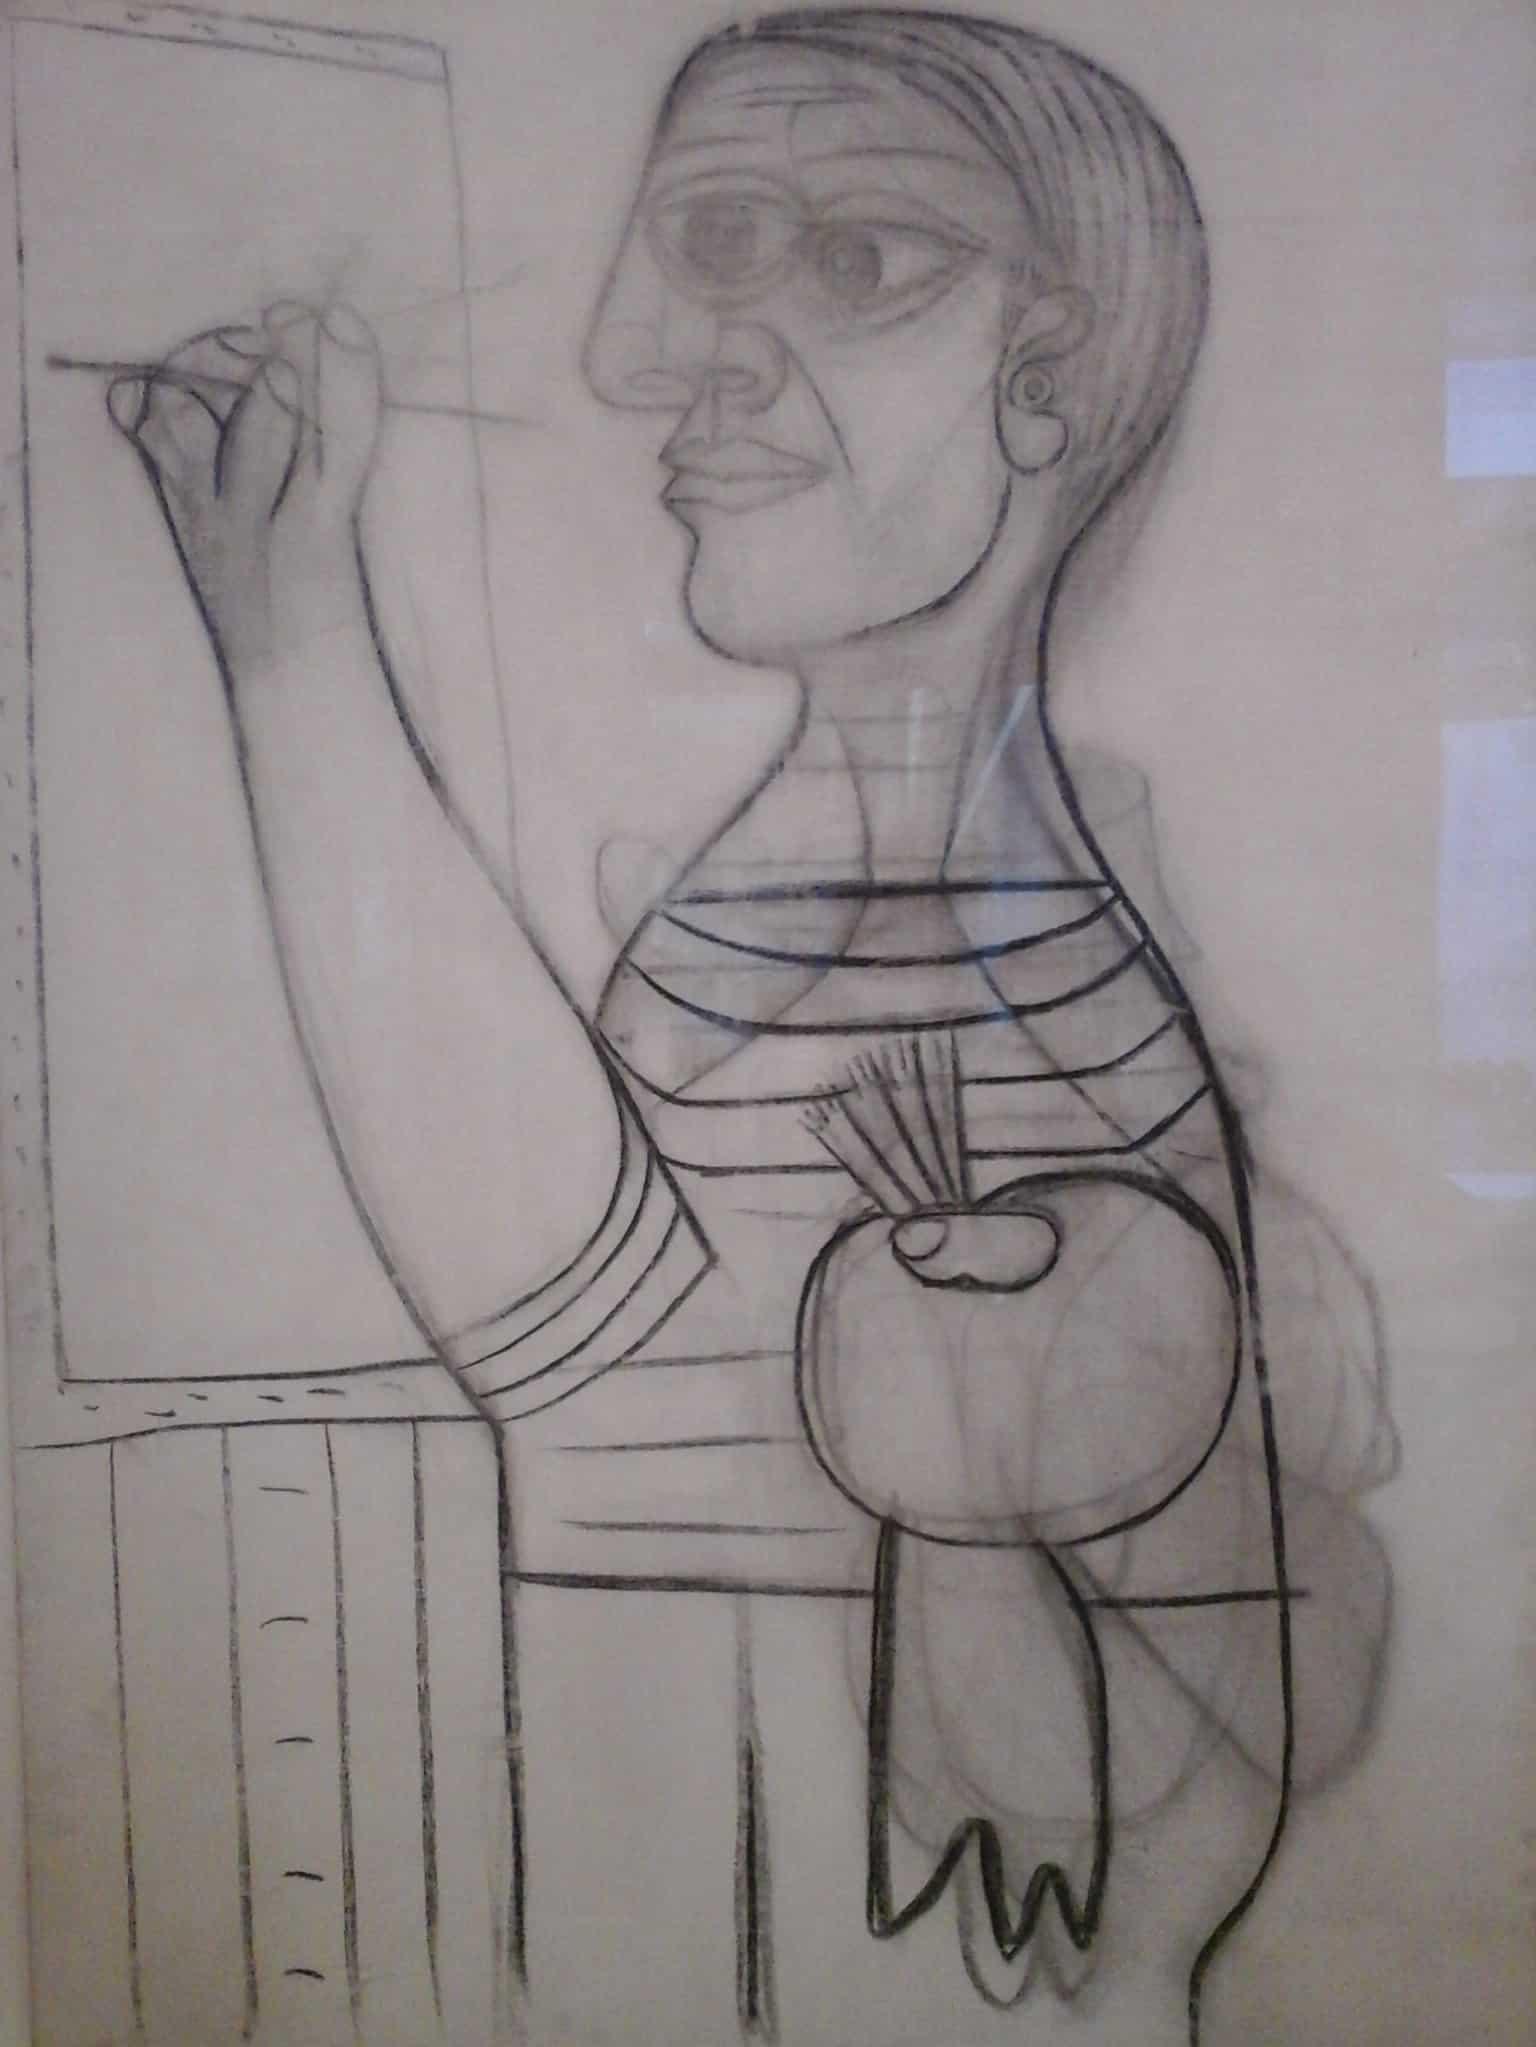 Favoriet in het Picasso museum: L'artiste devant sa toile uit 1938